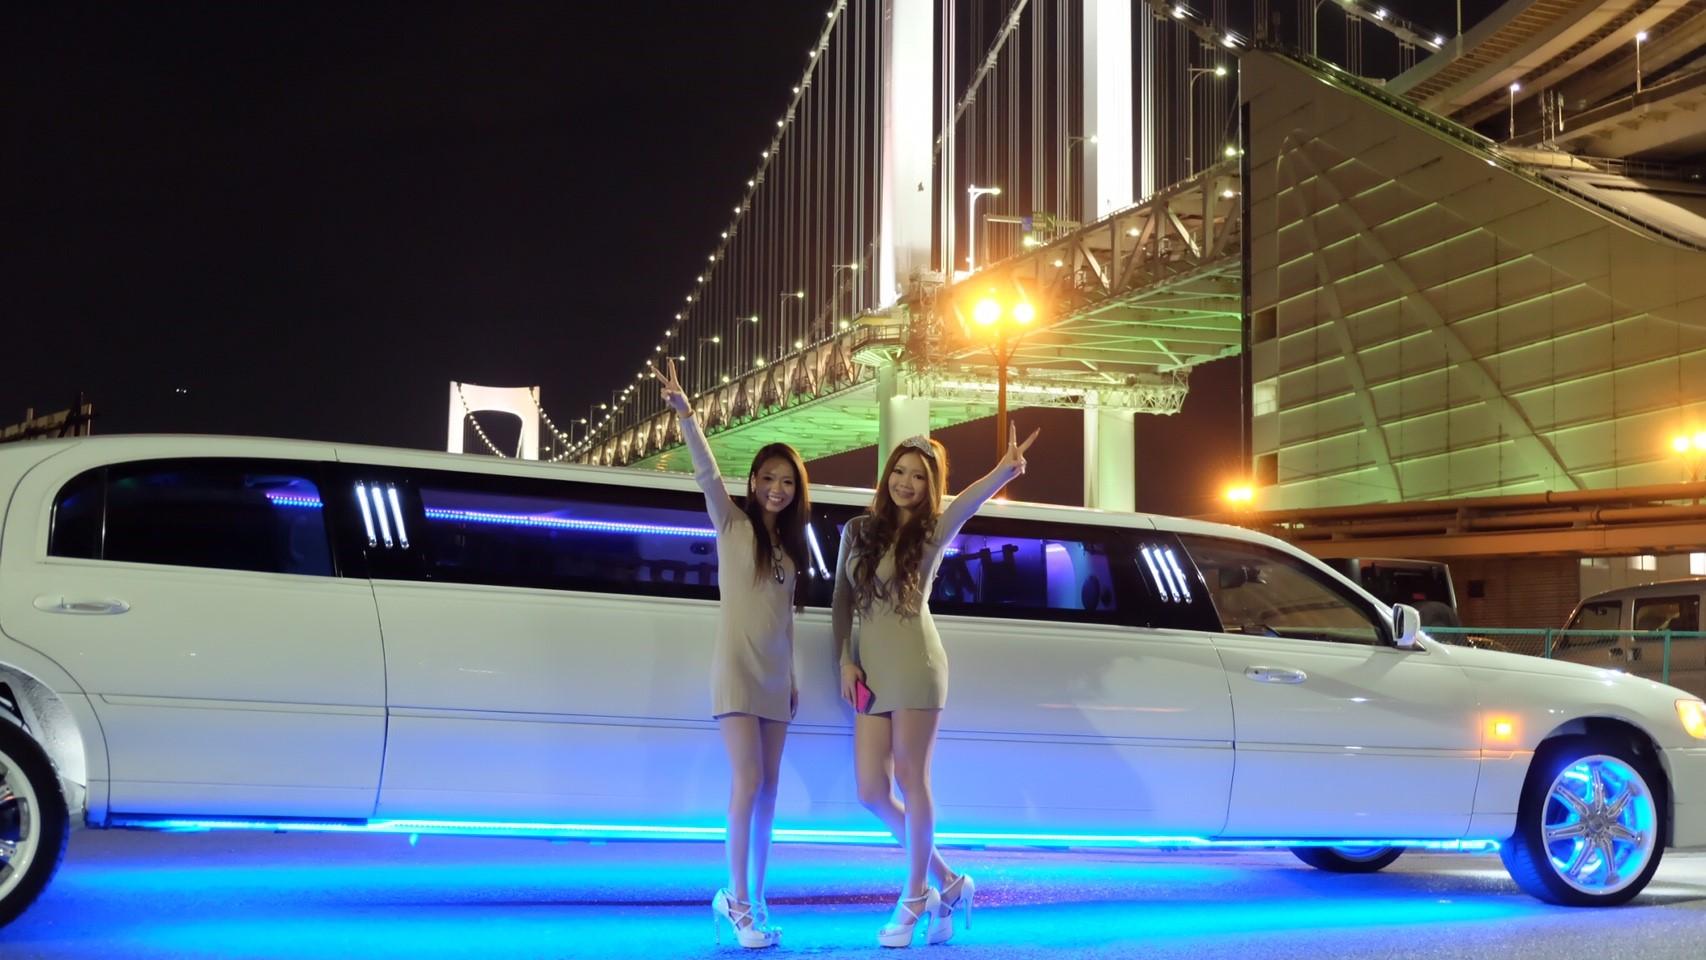 東京観光するならレインボーブリッジ